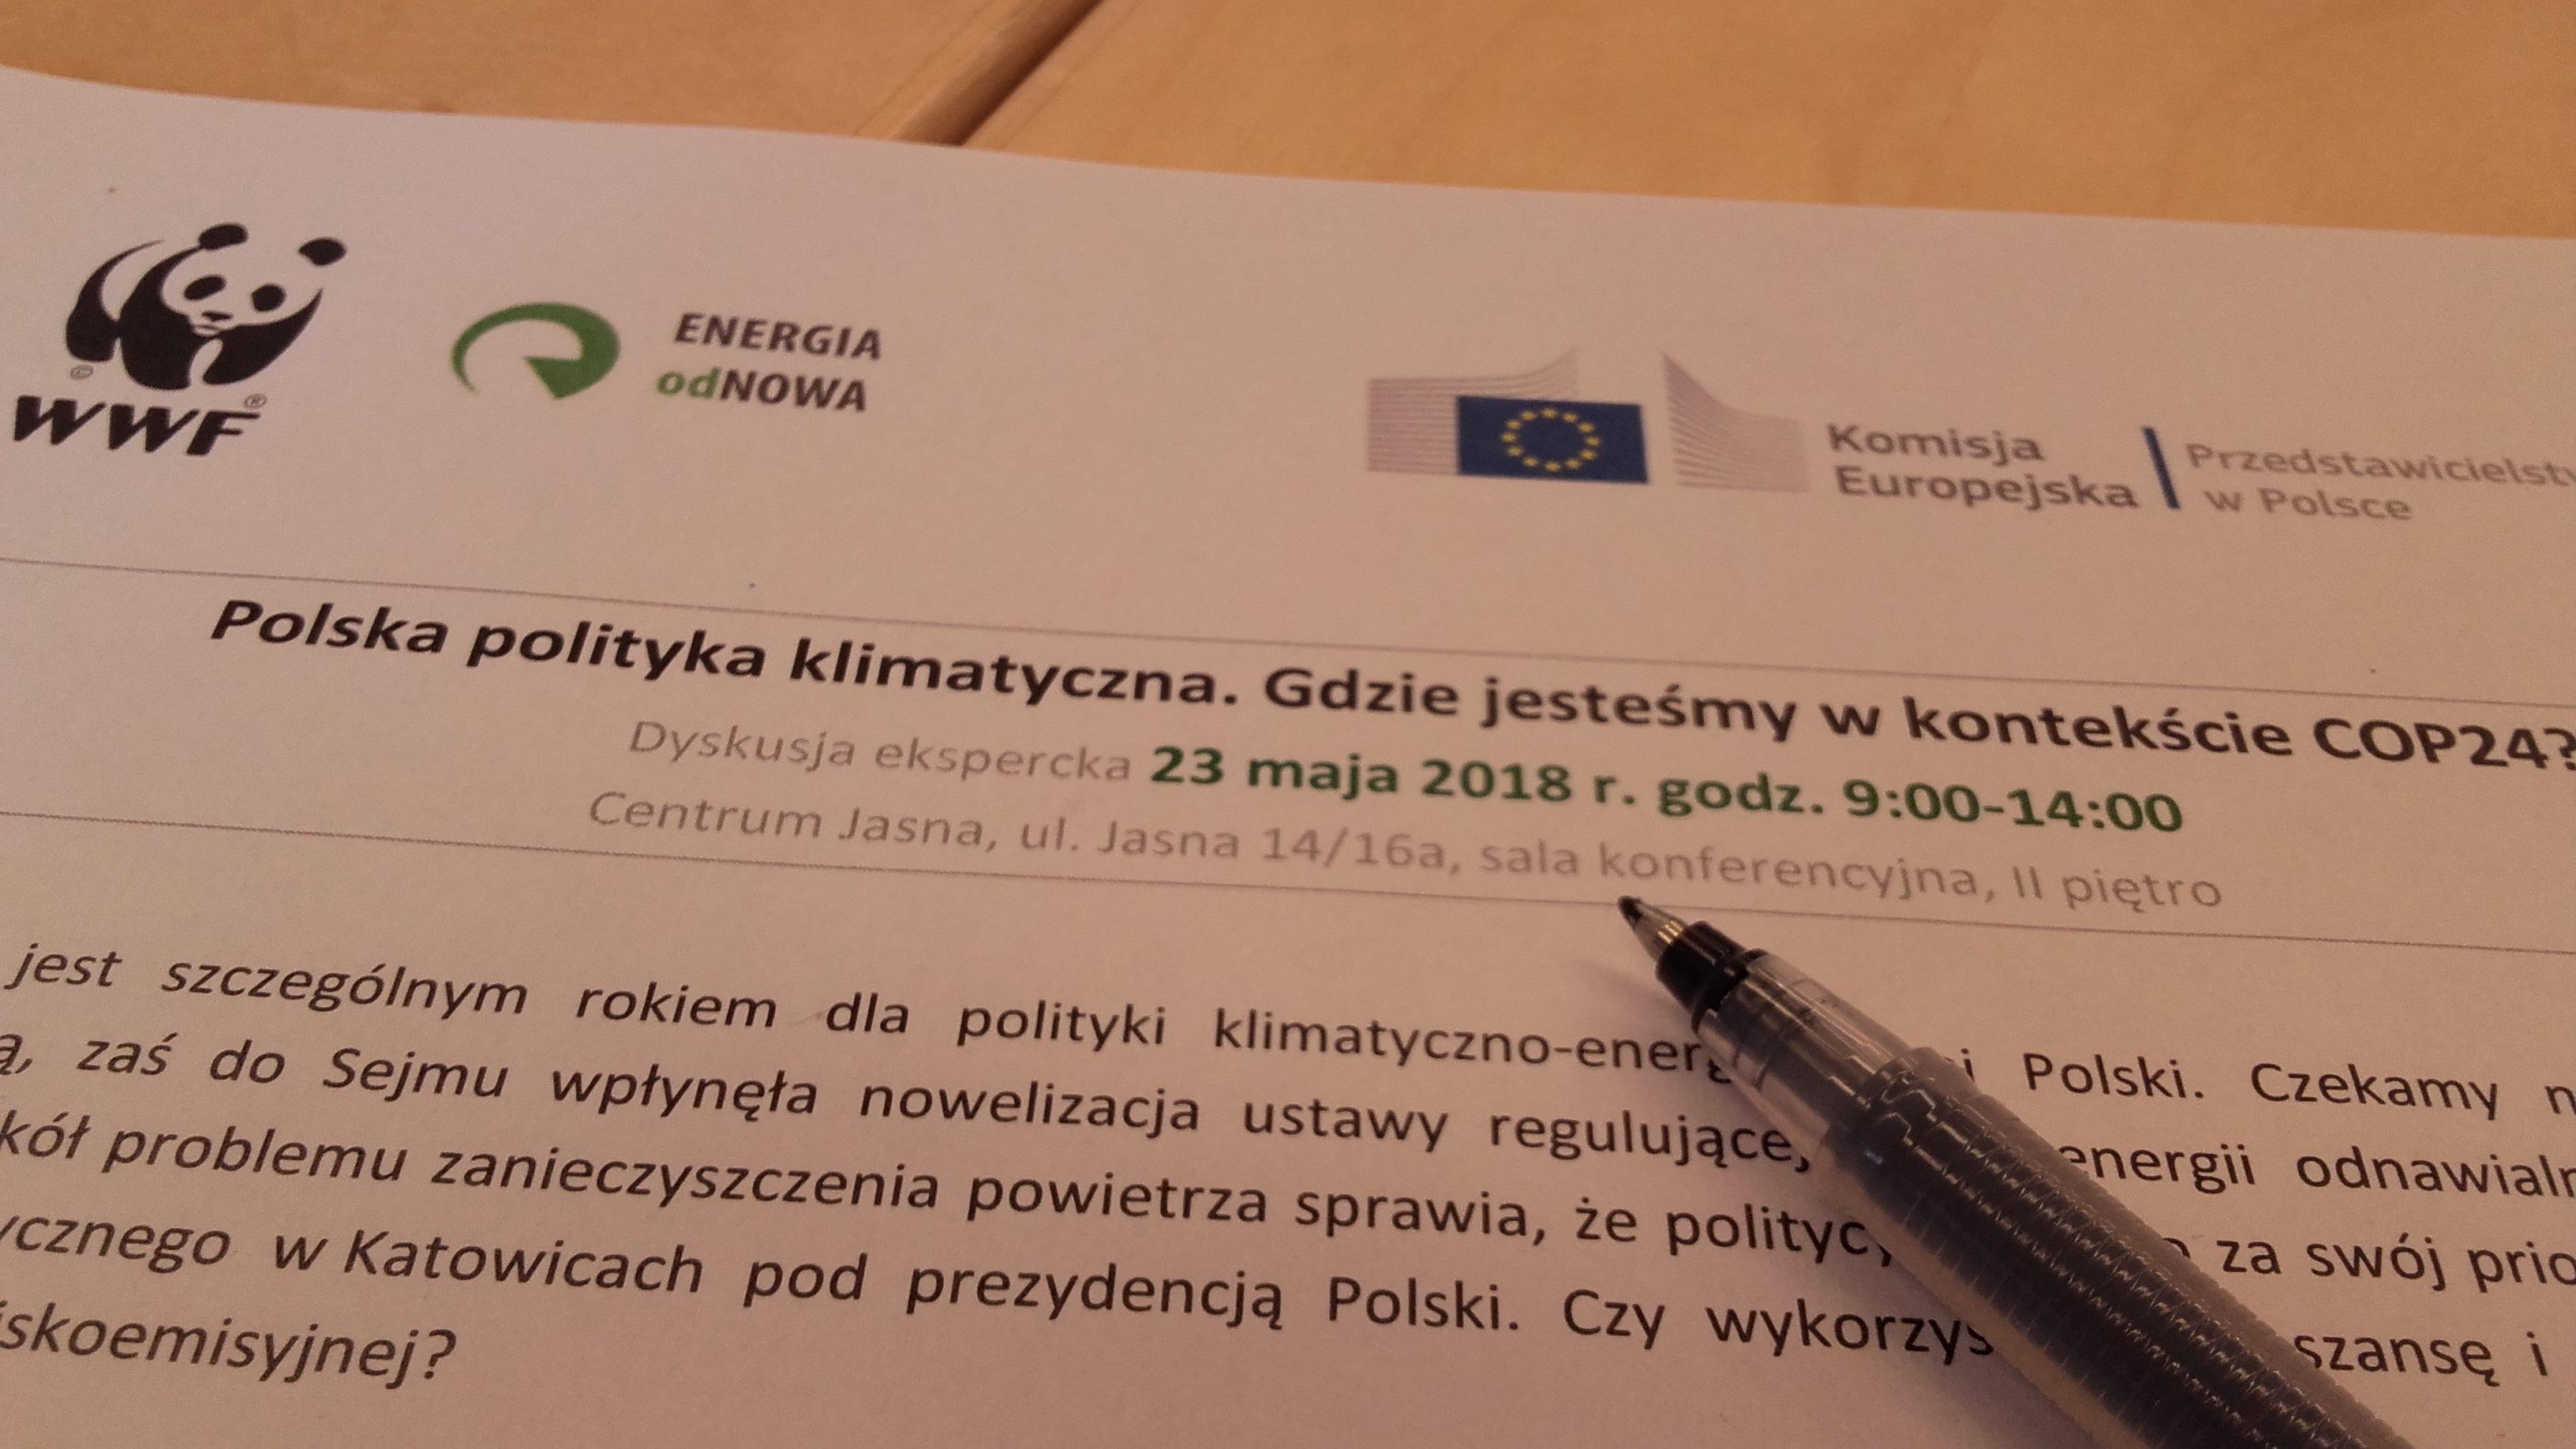 Debata ekspercka zorganizowana przez WWF i Przedstawicielstwo Komisji Europejskiej w Polsce